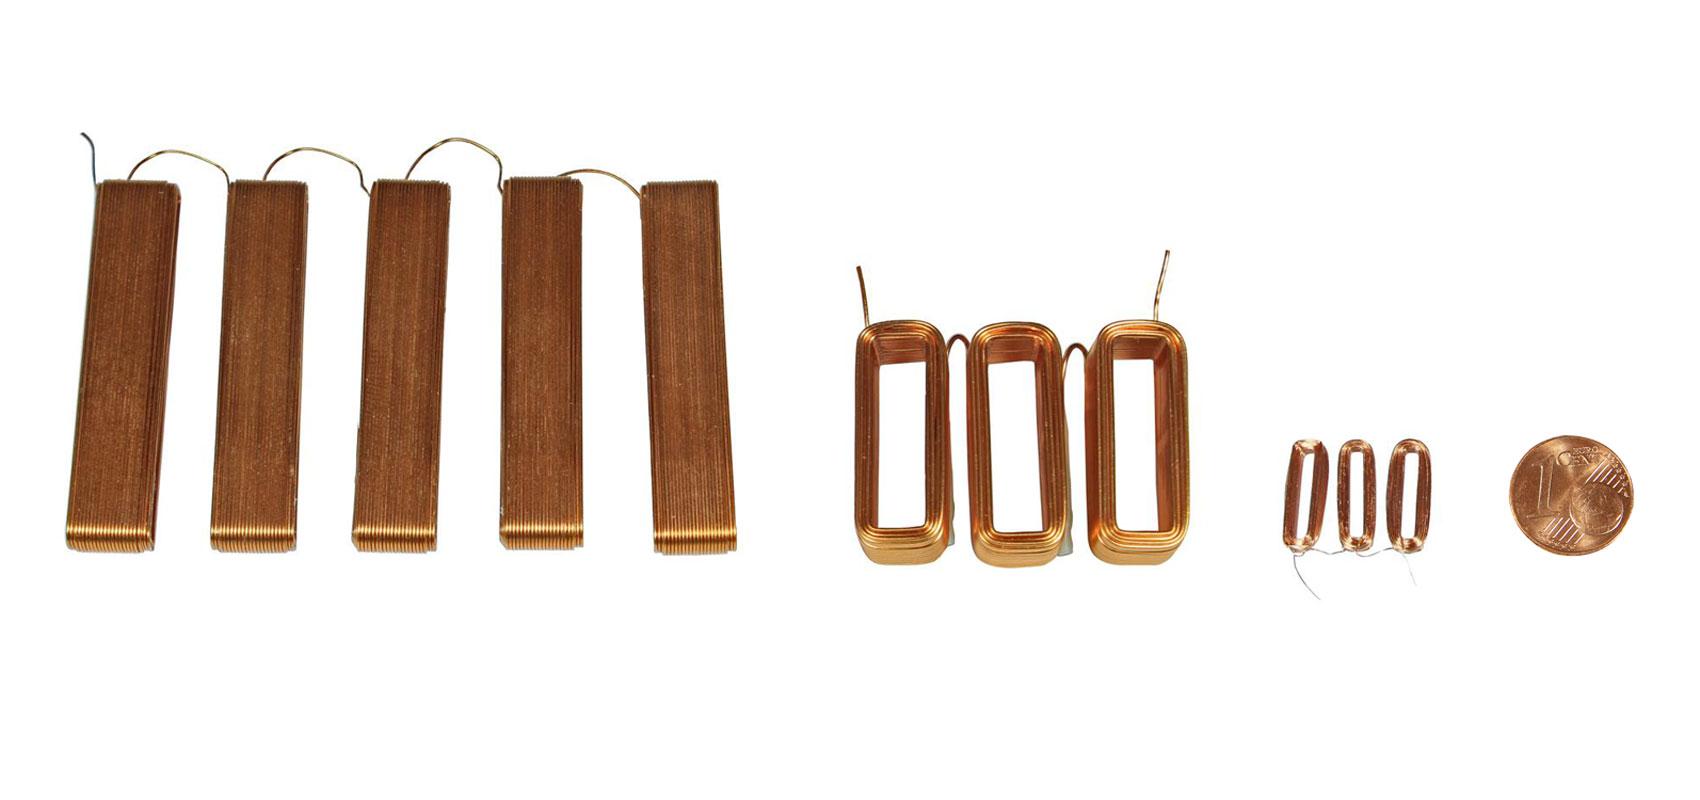 Linearspulen - Müller Spulen